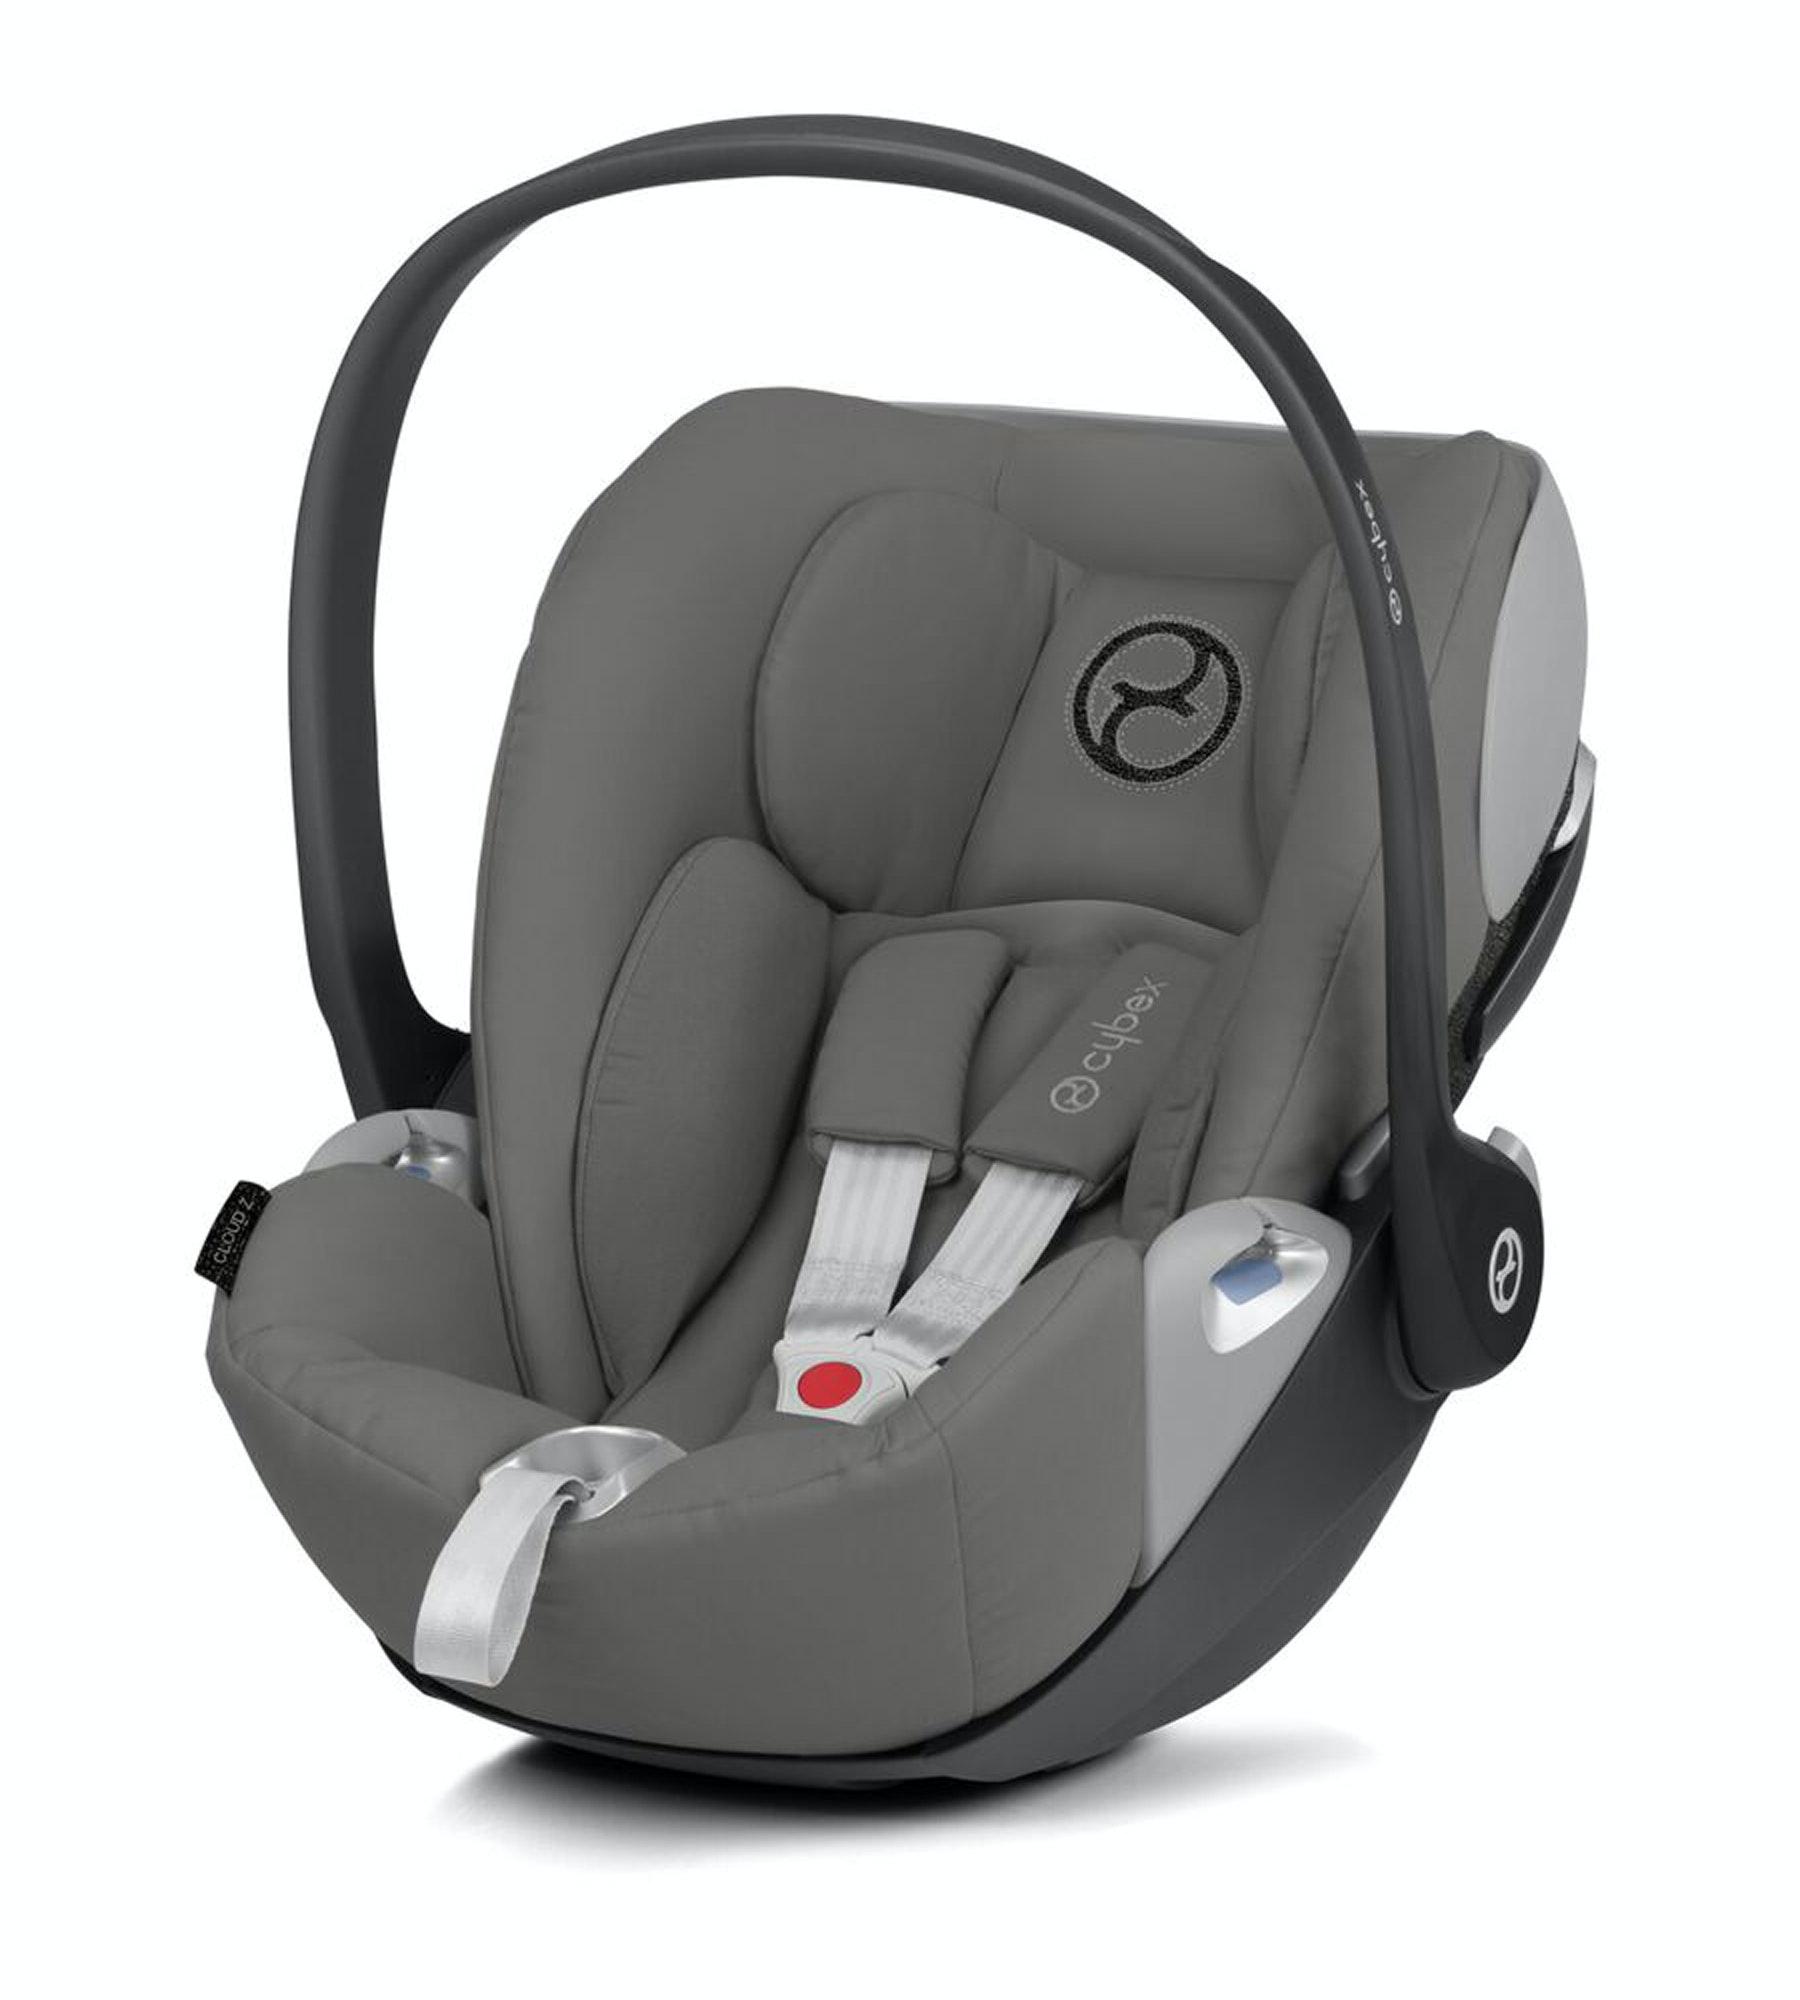 Cybex Cloud Z i-Size Baby Car Seat - Soho Grey